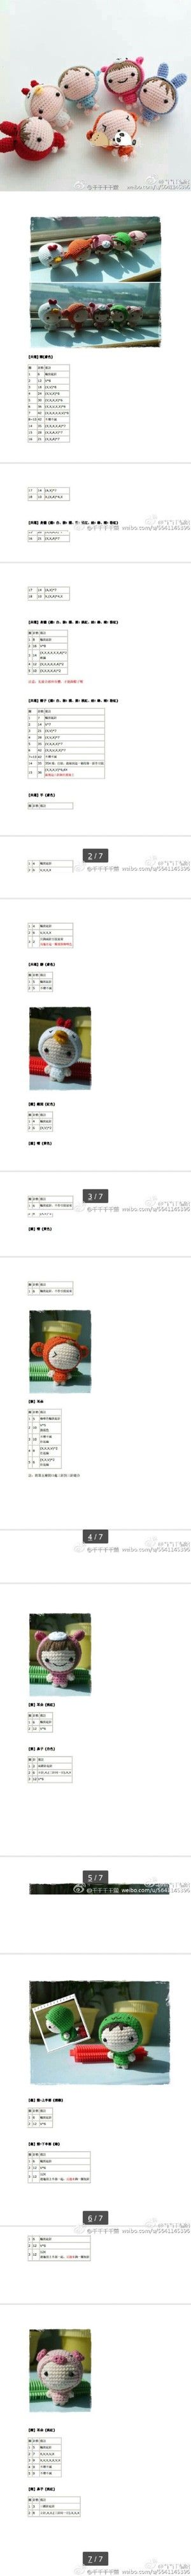 Pin von Callie D auf Amigurumi Crochet & Toys #3 | Pinterest ...